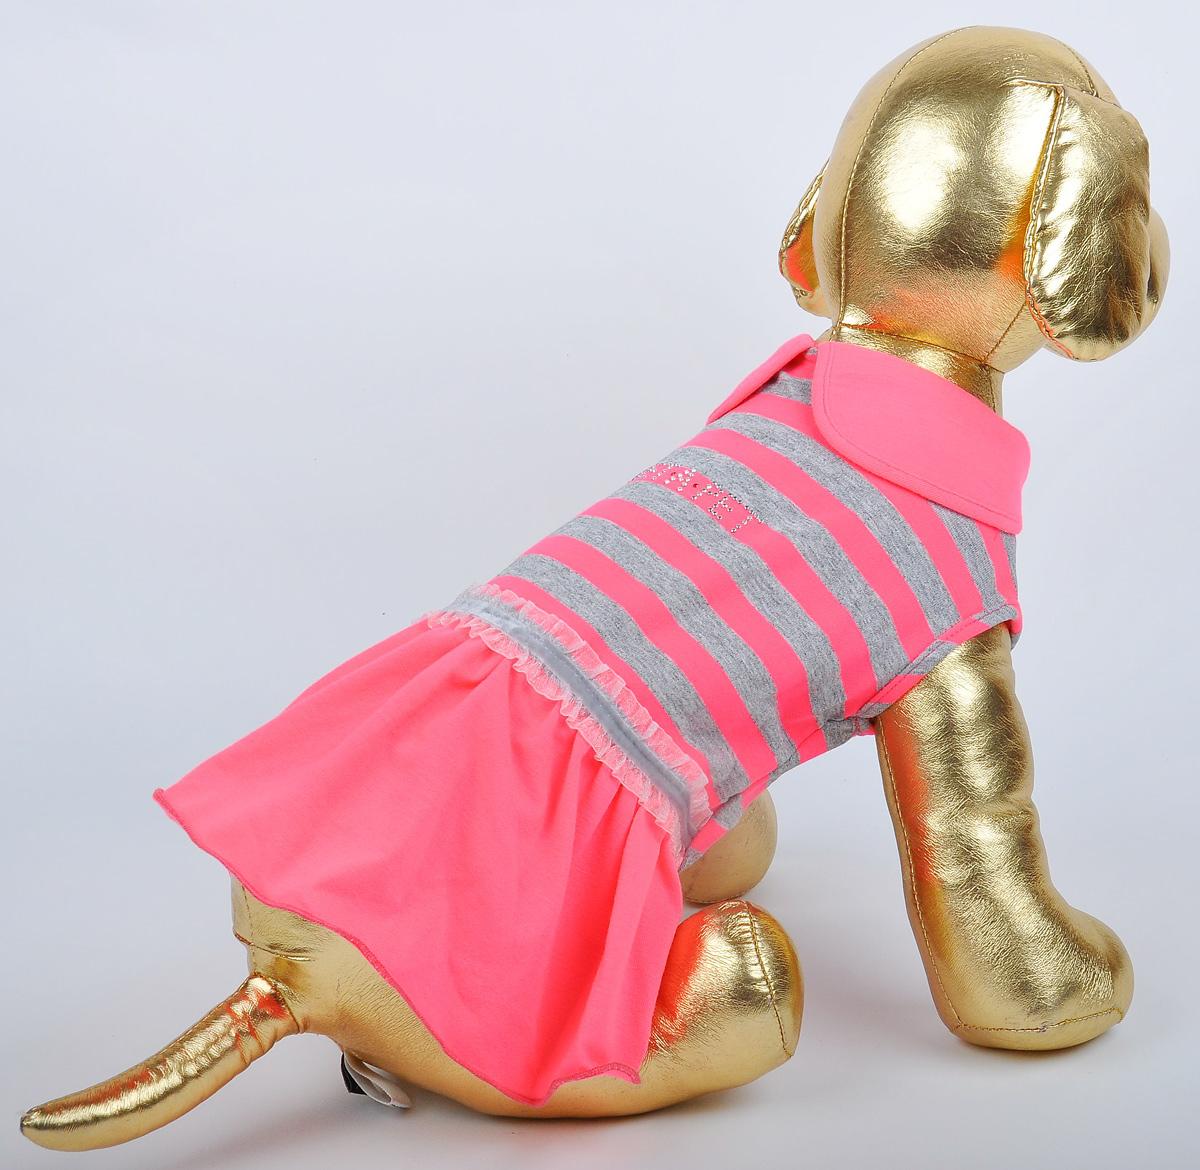 Платье для собак GLG Фэшн Ультра, цвет: розовый. Размер S0120710Платье для собак Фэшн Ультра, цвет розовый, материал- вискоза х/б, размер-S, длина спины23-25см, объем груди-31-33см.